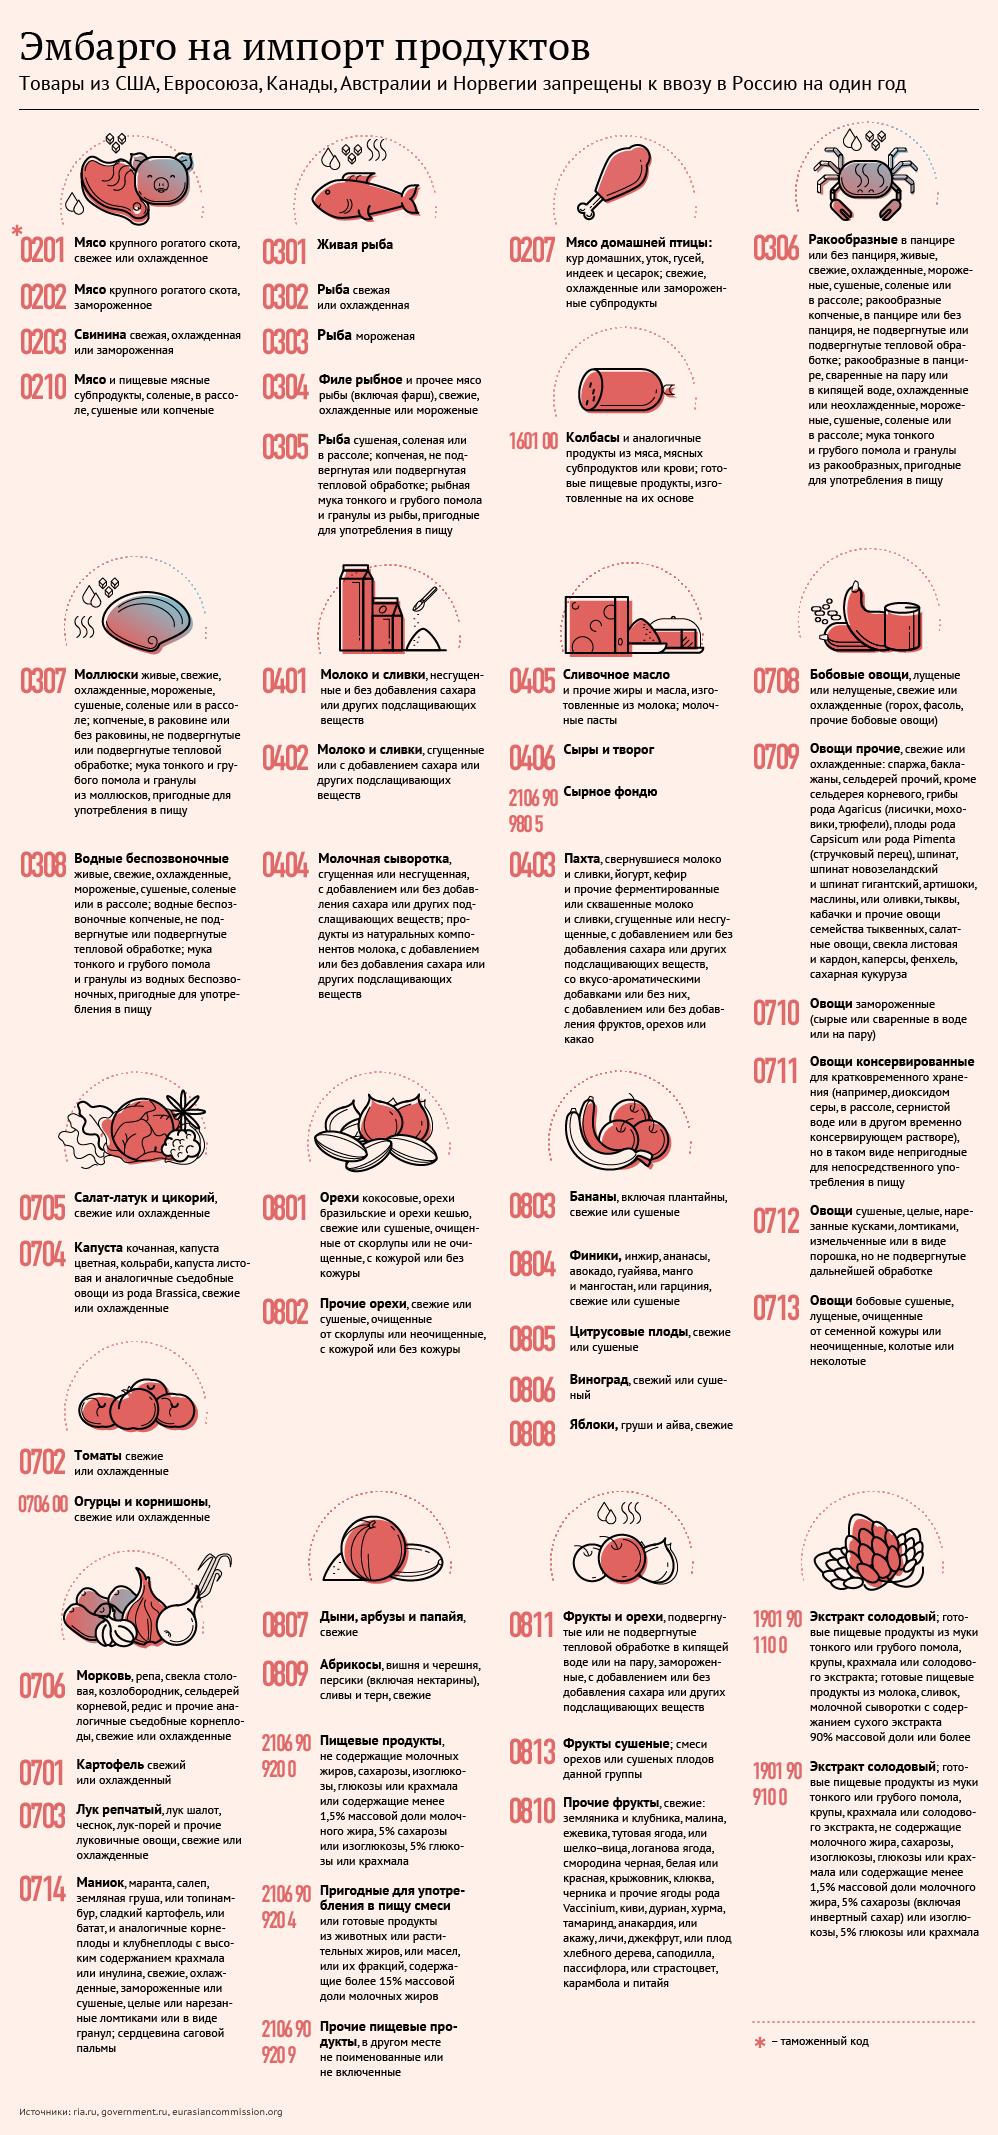 Продукты, запрещенные к ввозу в Россию